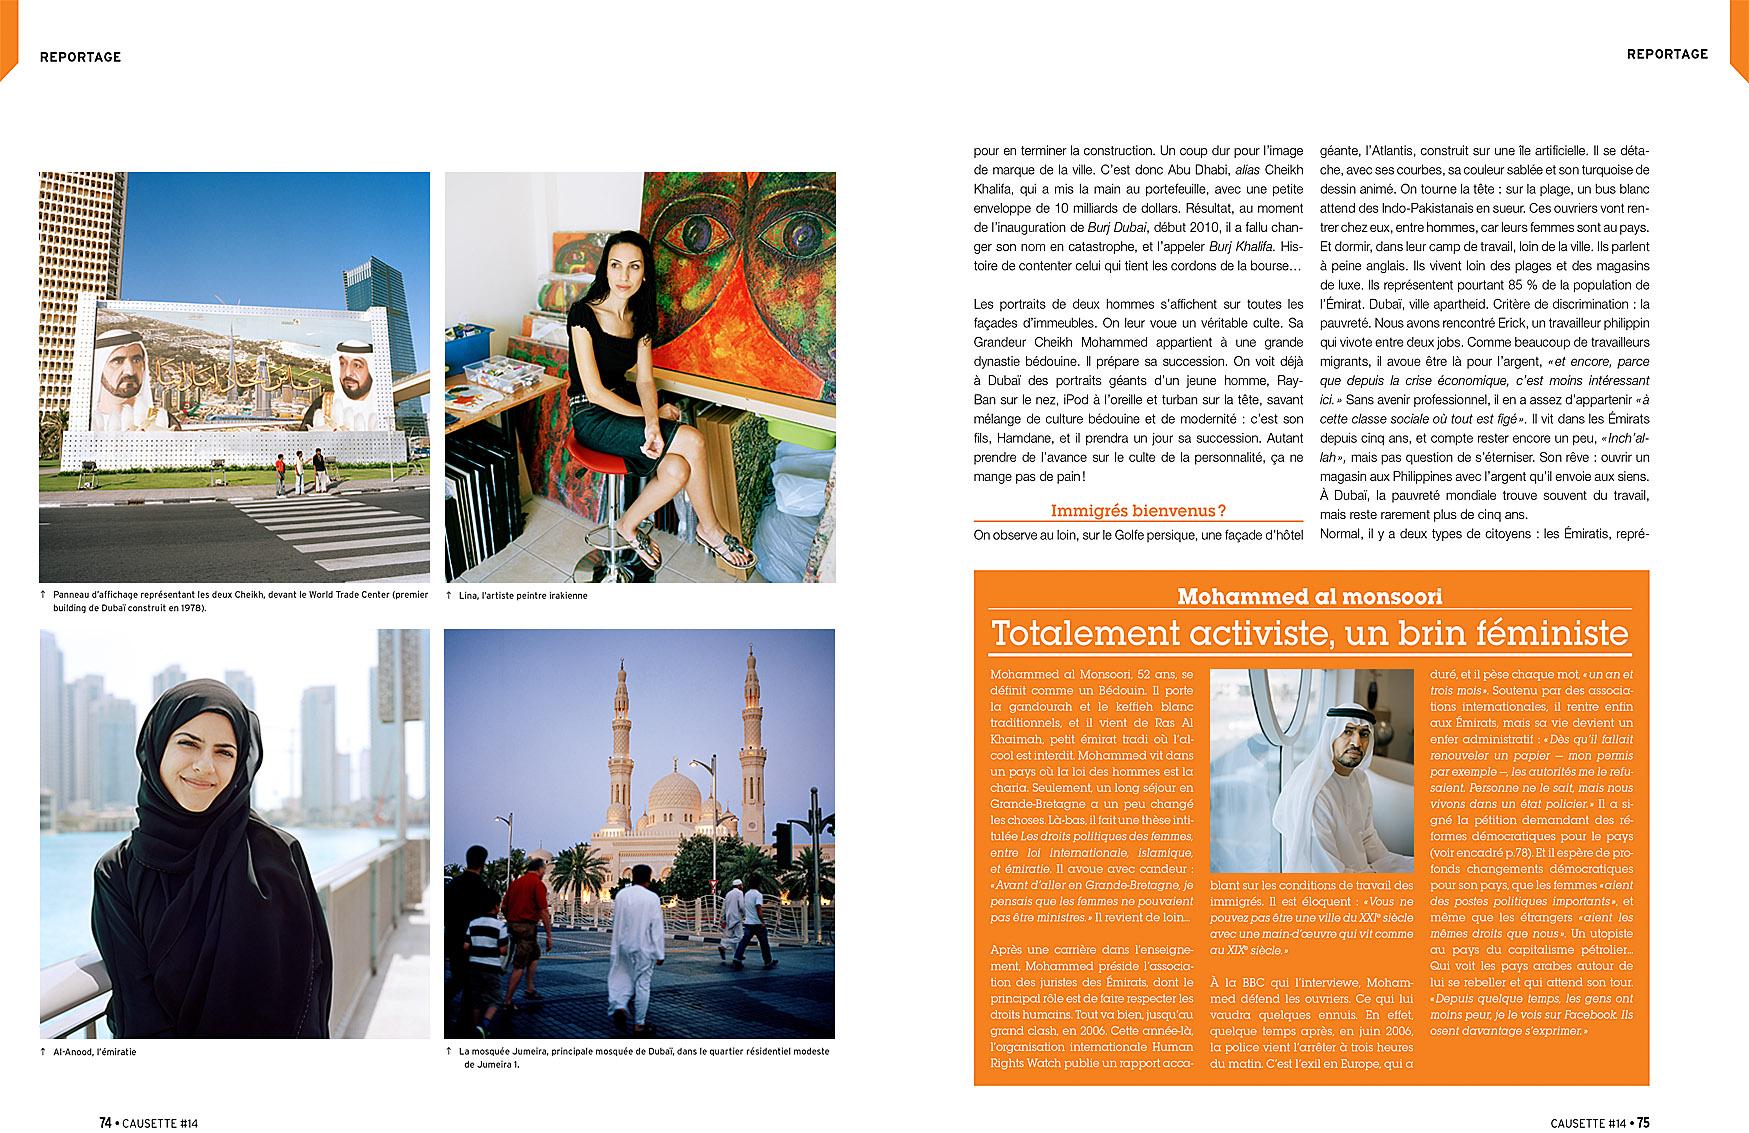 Dubaï, Causette #14